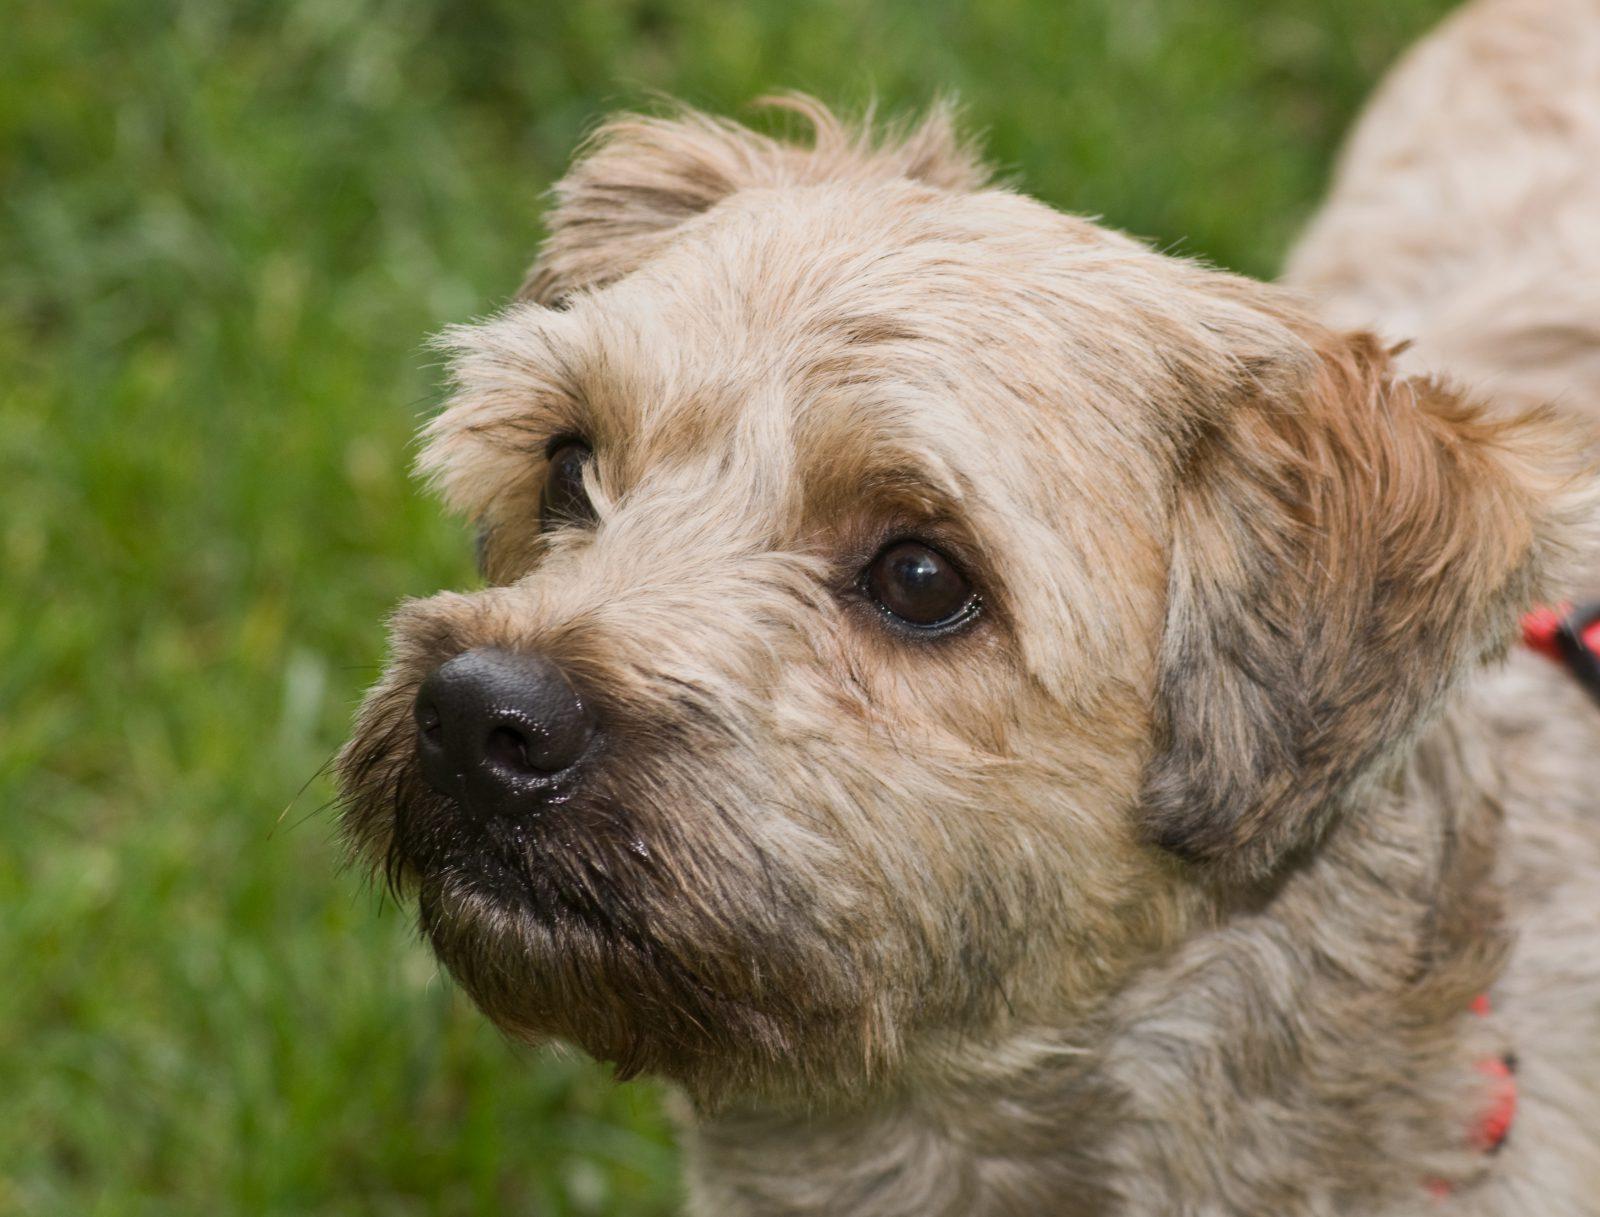 Cachorros de pequeno porte: Cairn Terrier fazendo carinha dócil no jardim.